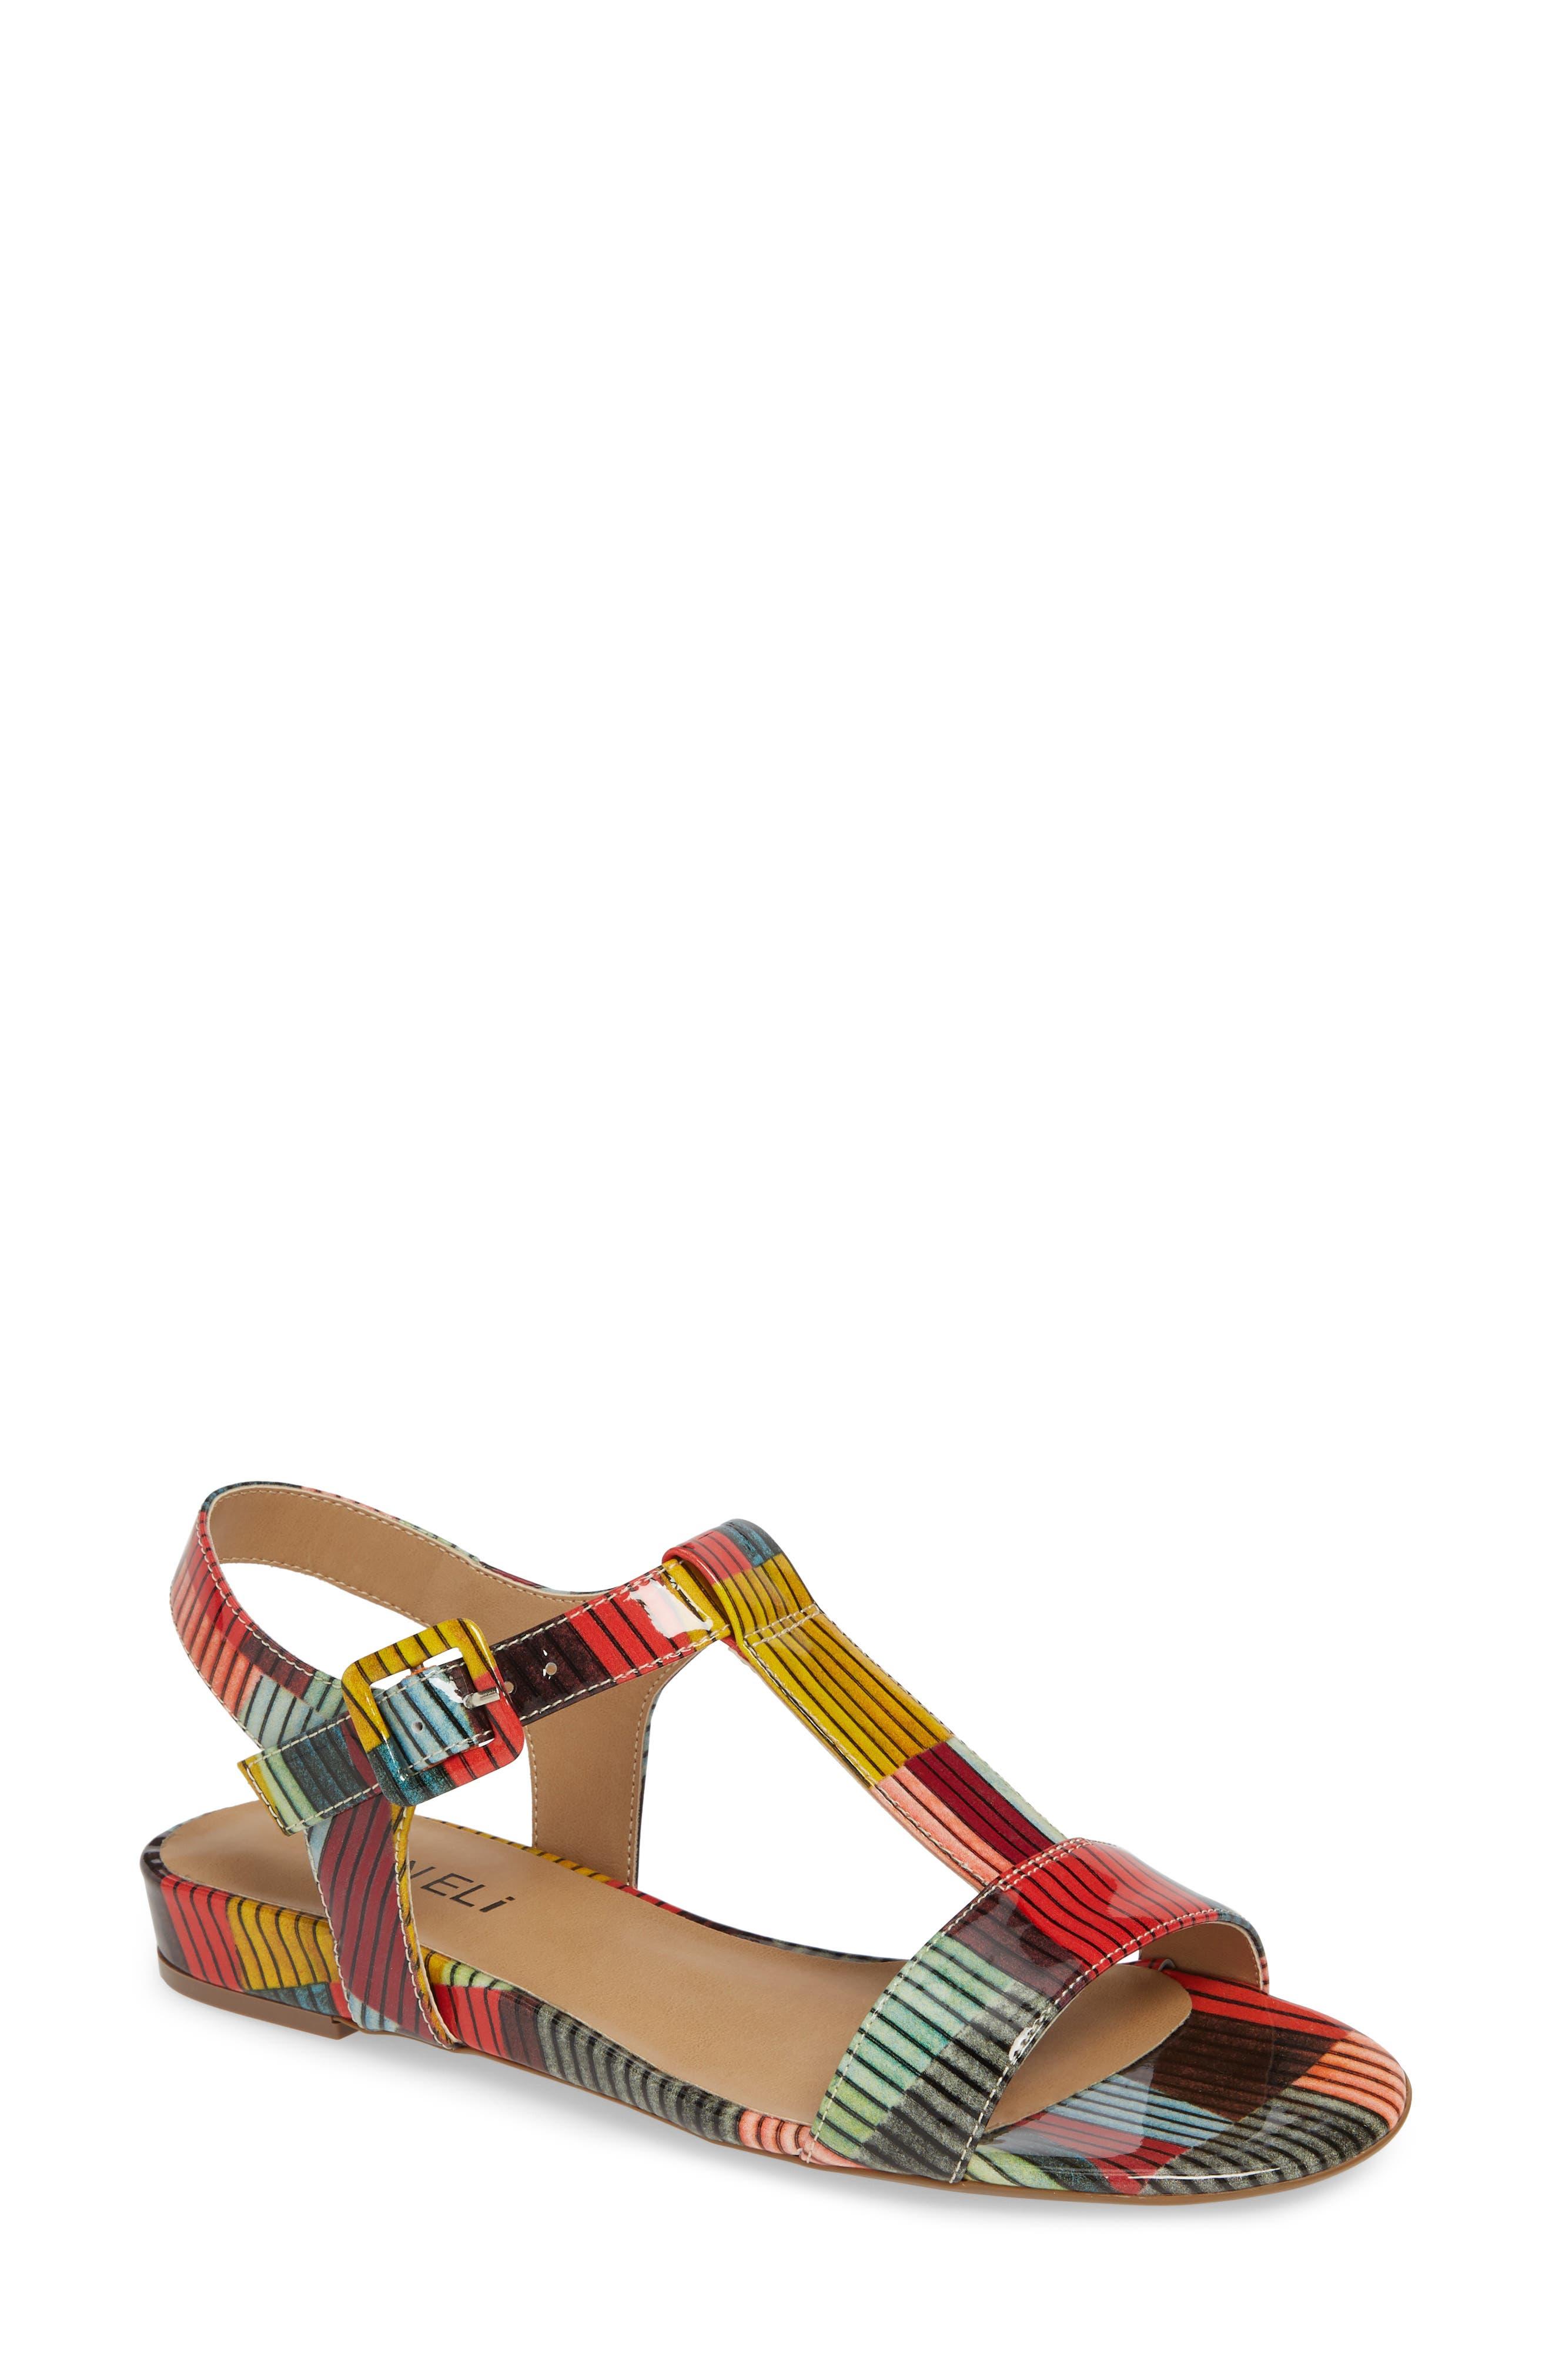 VANELI Burlie T-Strap Sandal, Main, color, MULTICOLOR PATENT LEATHER